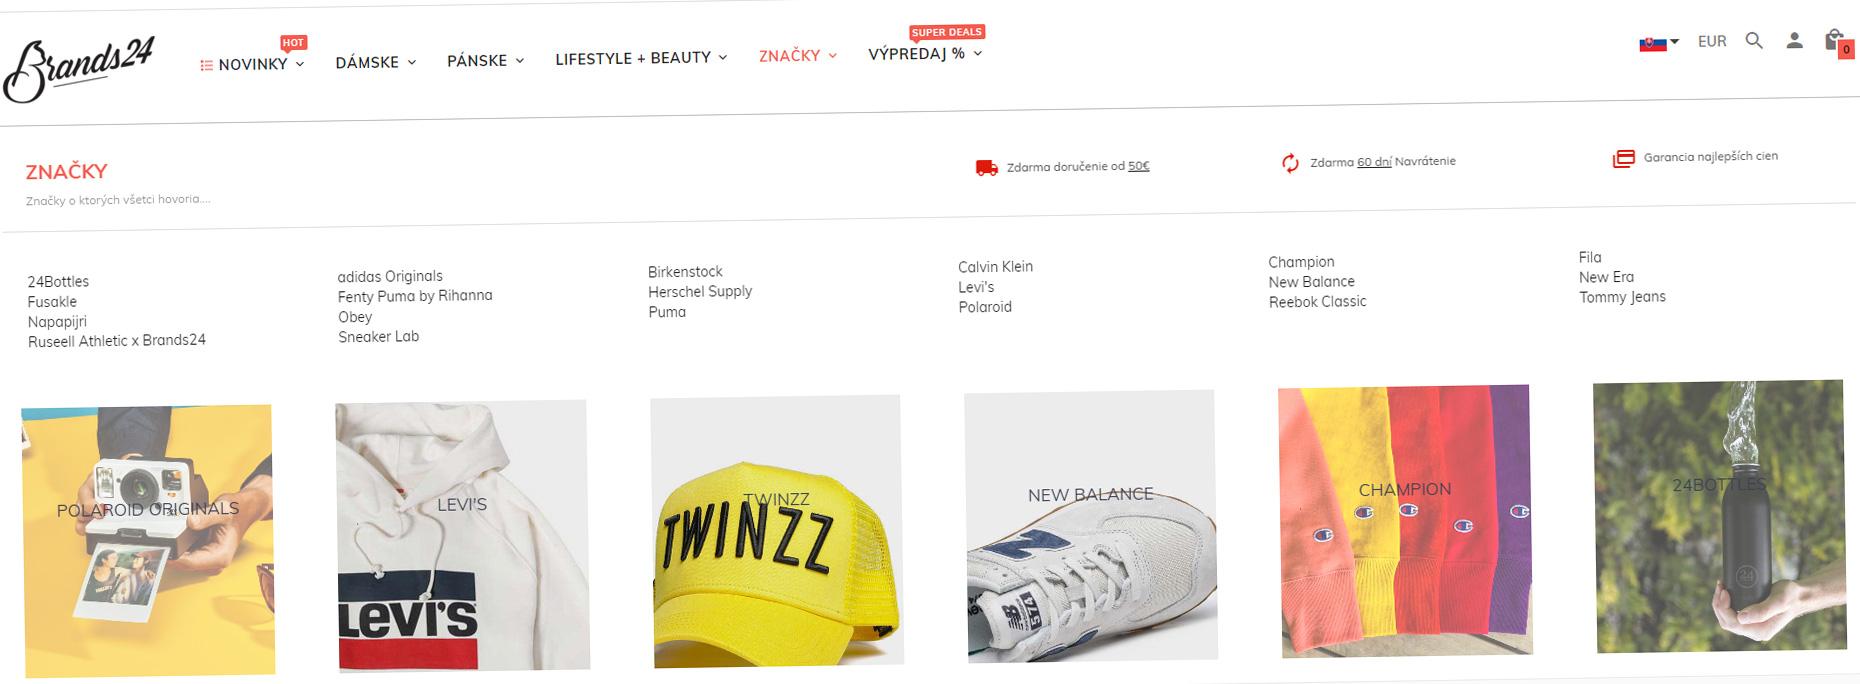 brands24 kupony